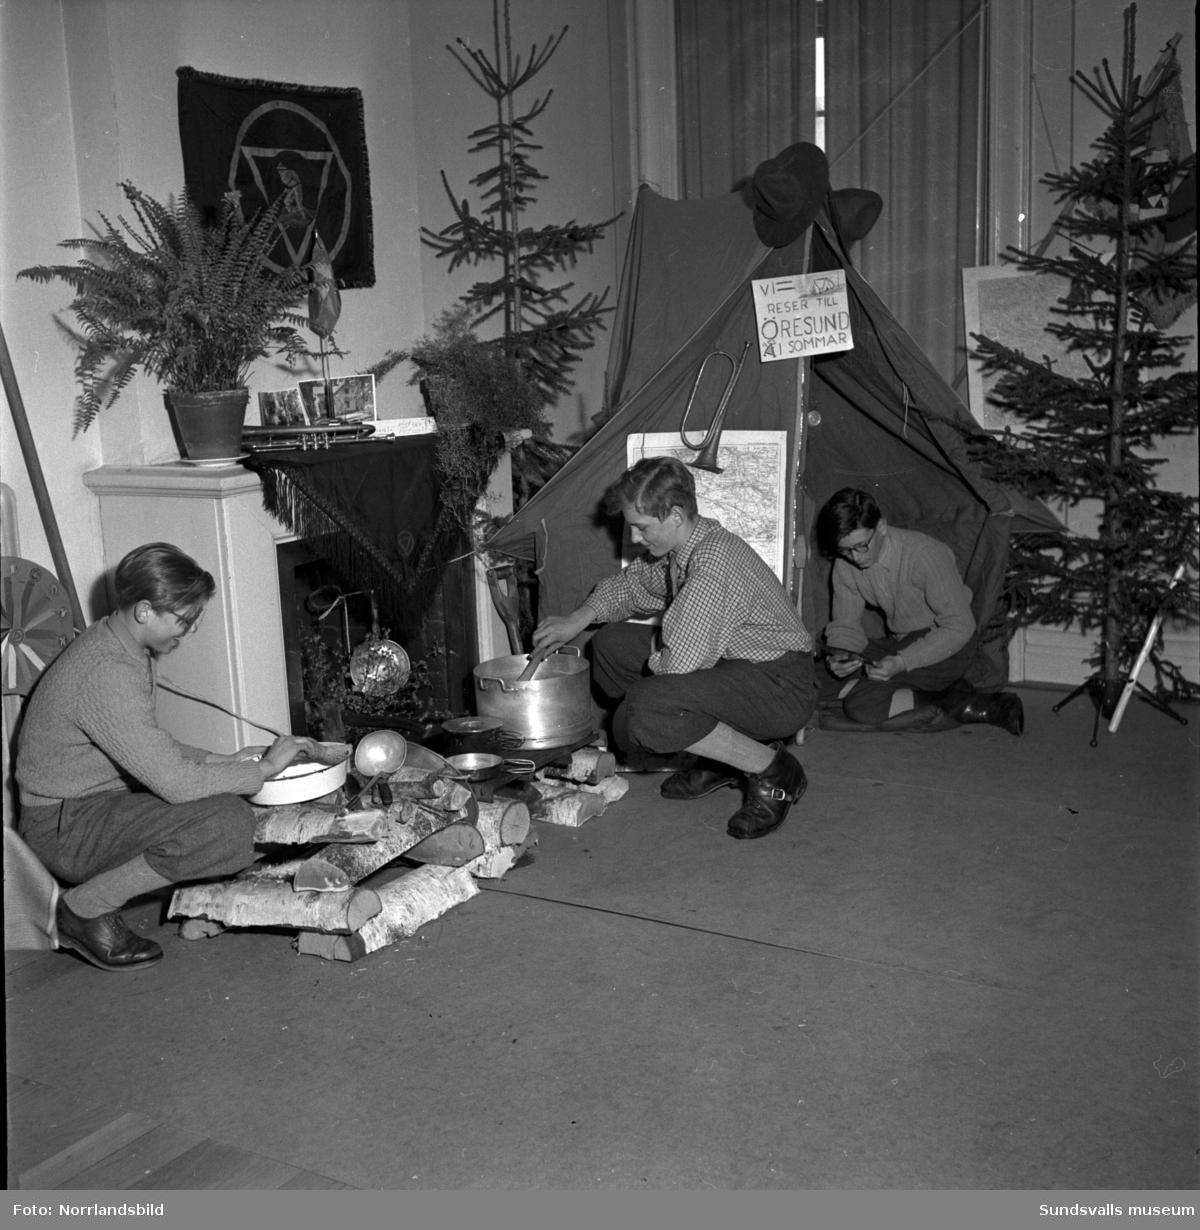 KFUM:s 40-årsjubileum, tre scouter planerar en resa till Östersund mot sommaren.